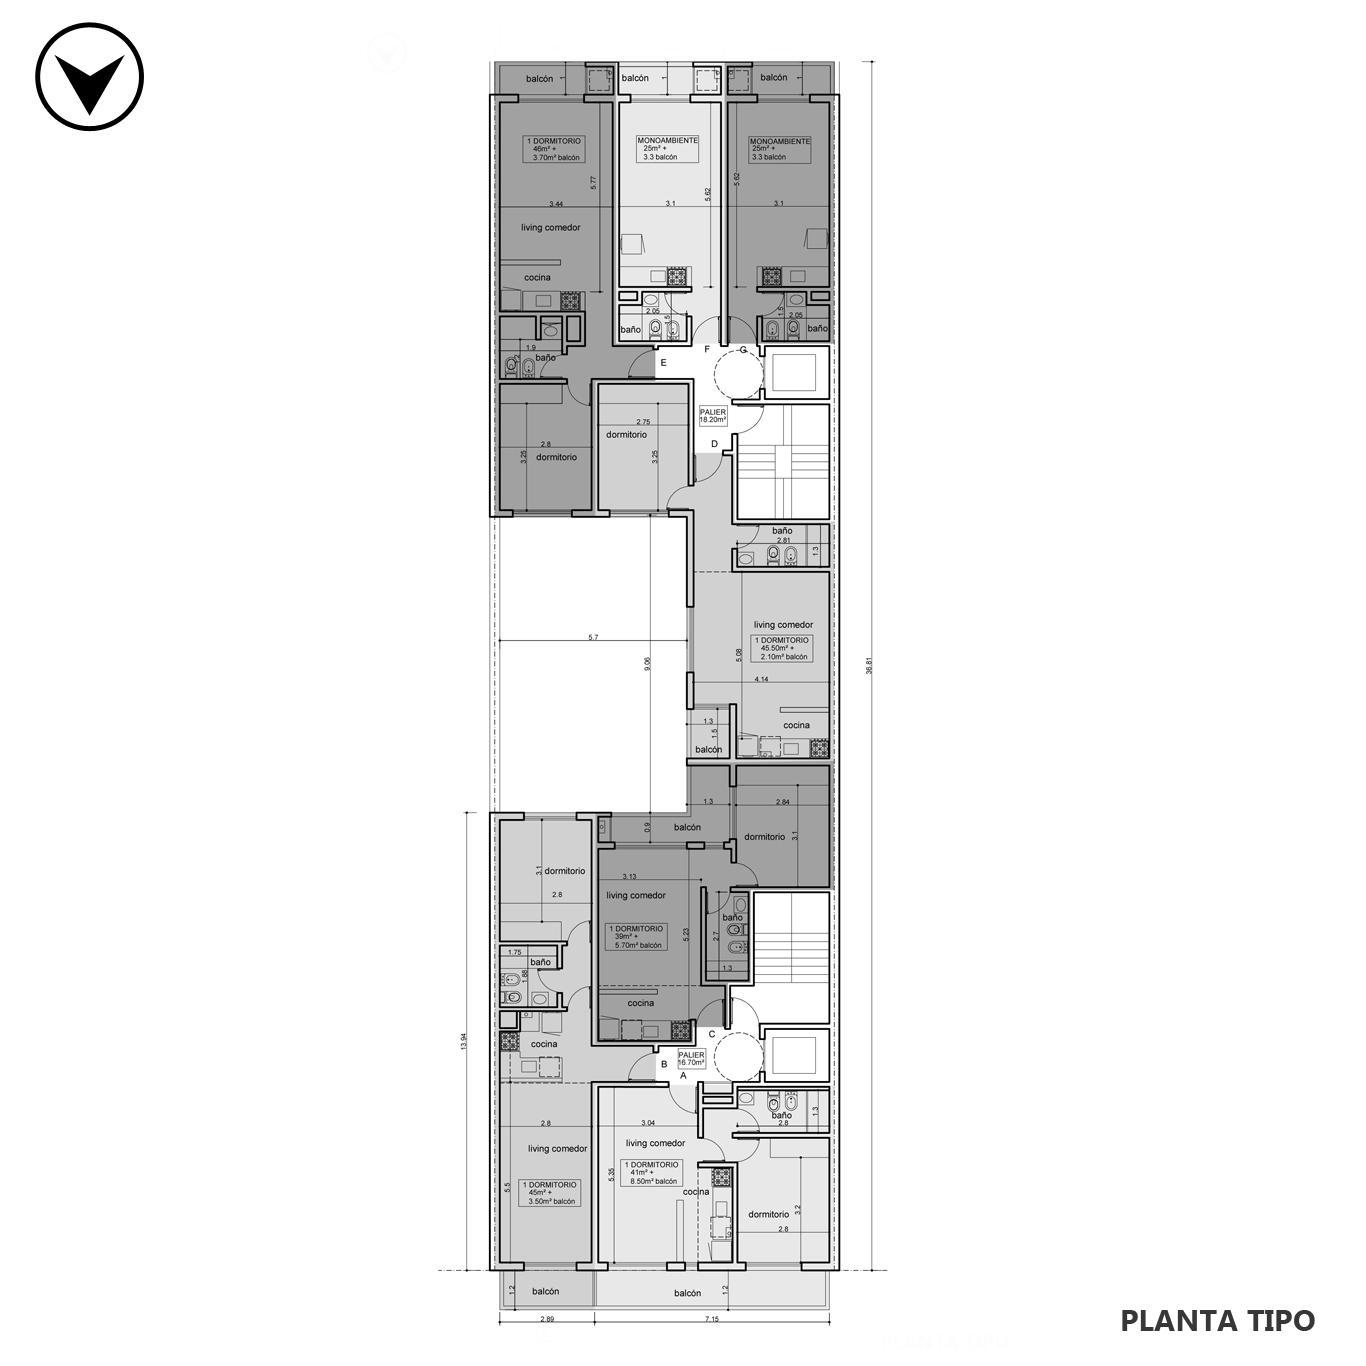 Venta departamento 1 dormitorio Rosario, Centro. Cod CBU24743 AP2302071. Crestale Propiedades